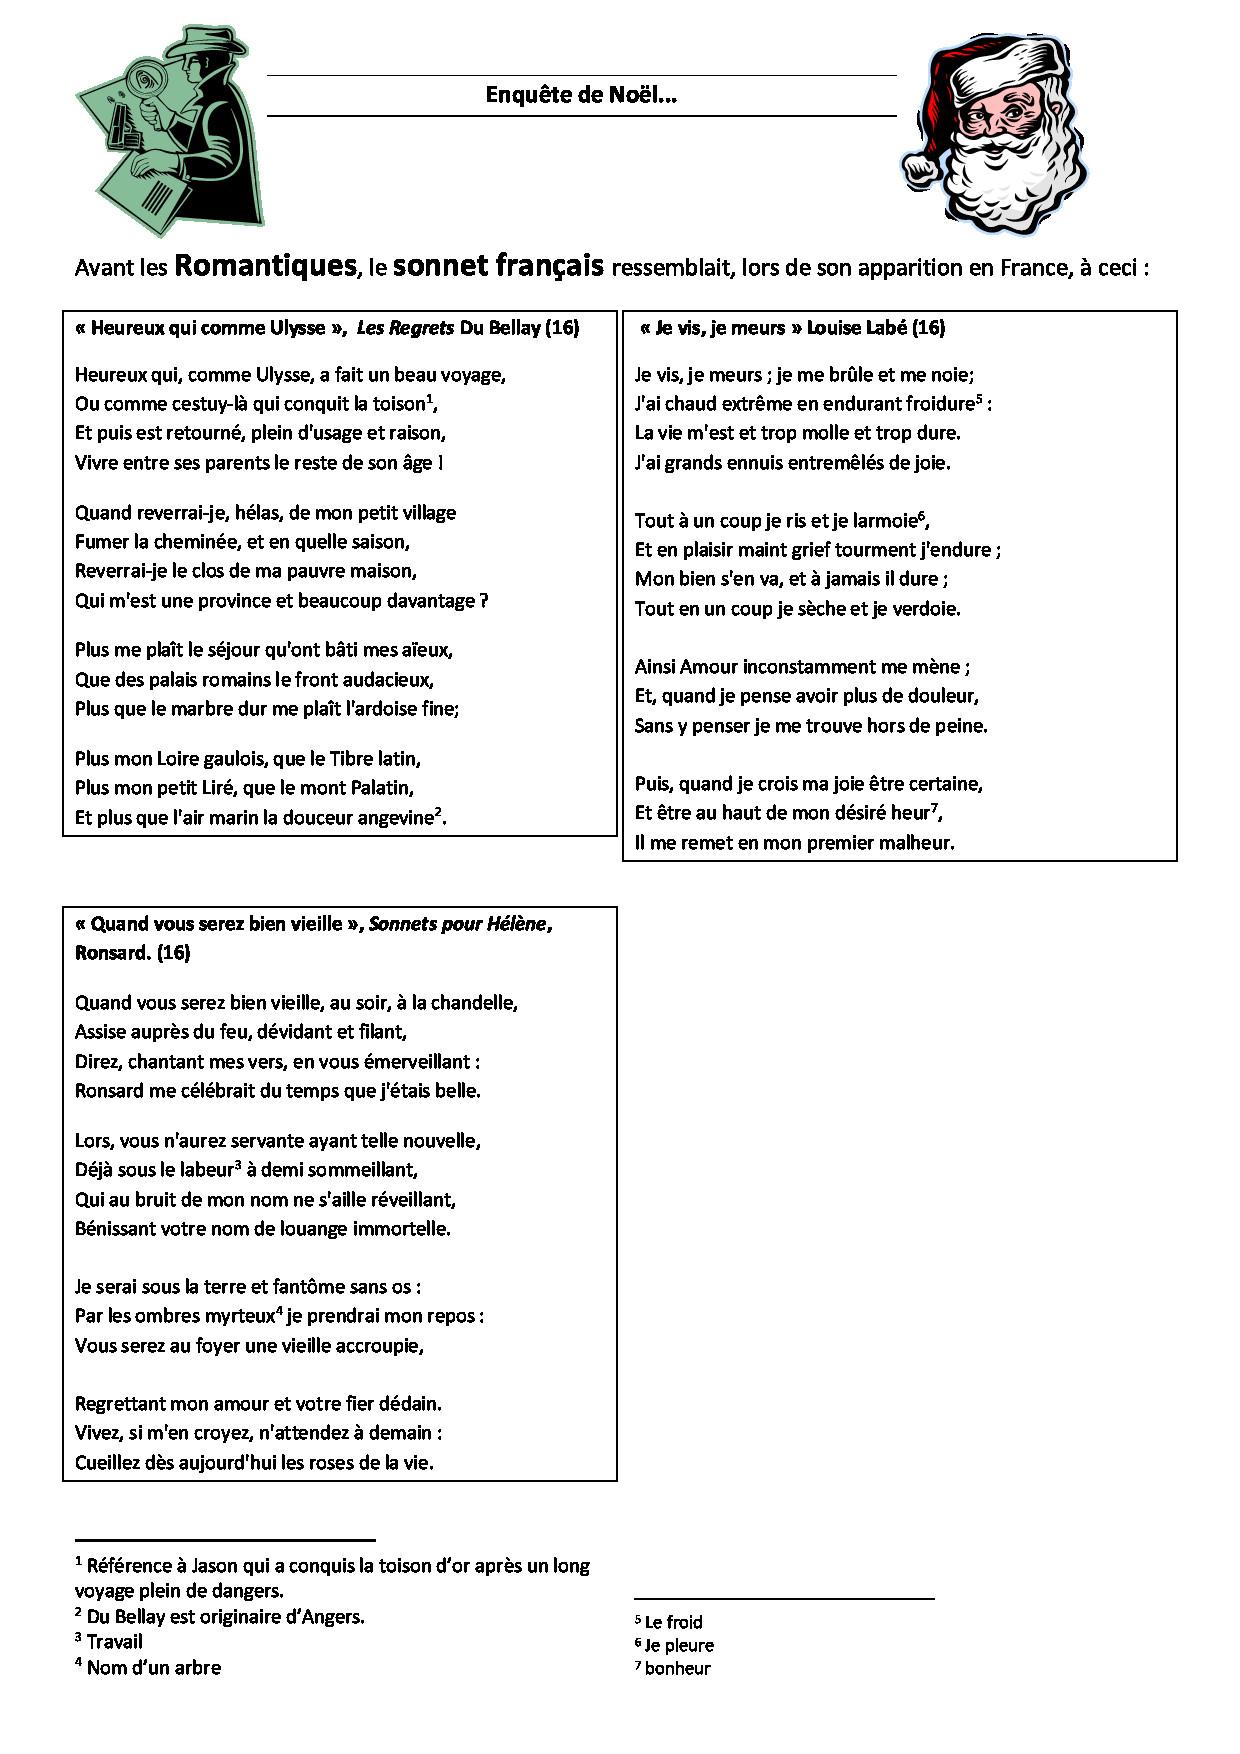 Enquête sonnet 1